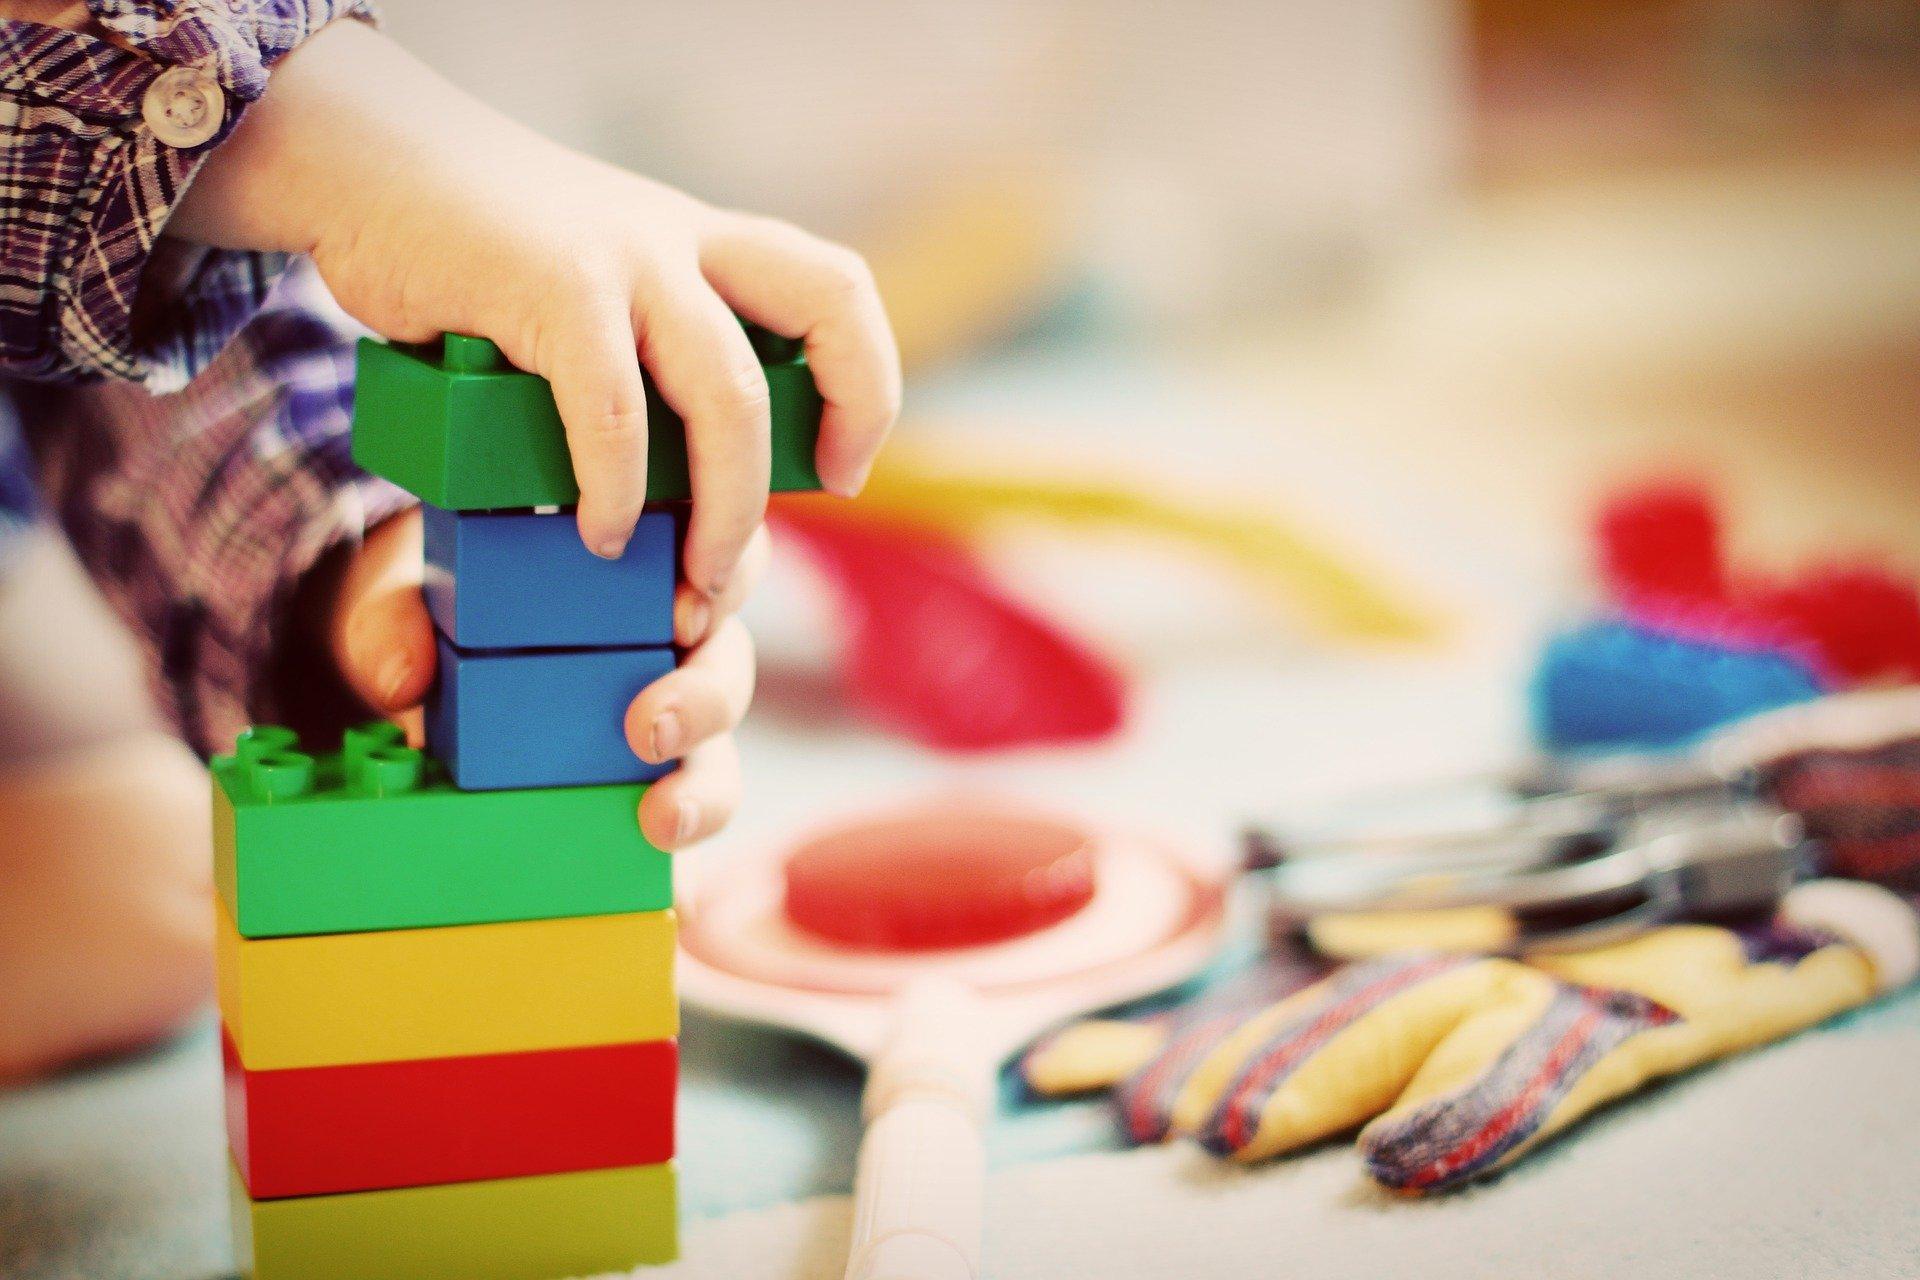 Bild Kind spielt, Quelle: Bild von Esi Grünhagen auf Pixabay